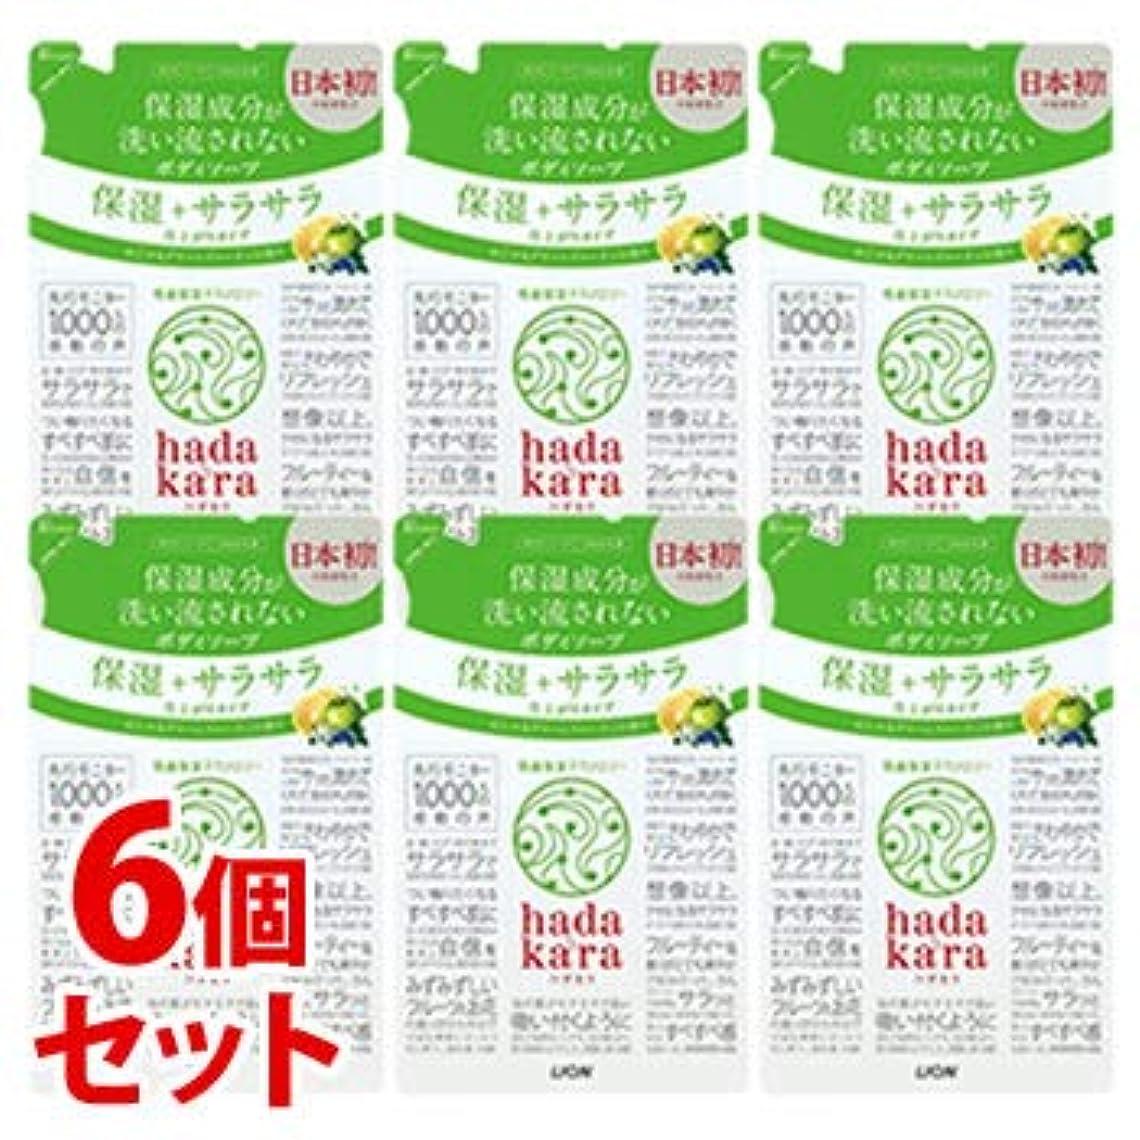 刺すライドセーター《セット販売》 ライオン ハダカラ hadakara ボディソープ 保湿+サラサラ仕上がりタイプ グリーンフルーティの香り つめかえ用 (340mL)×6個セット 詰め替え用